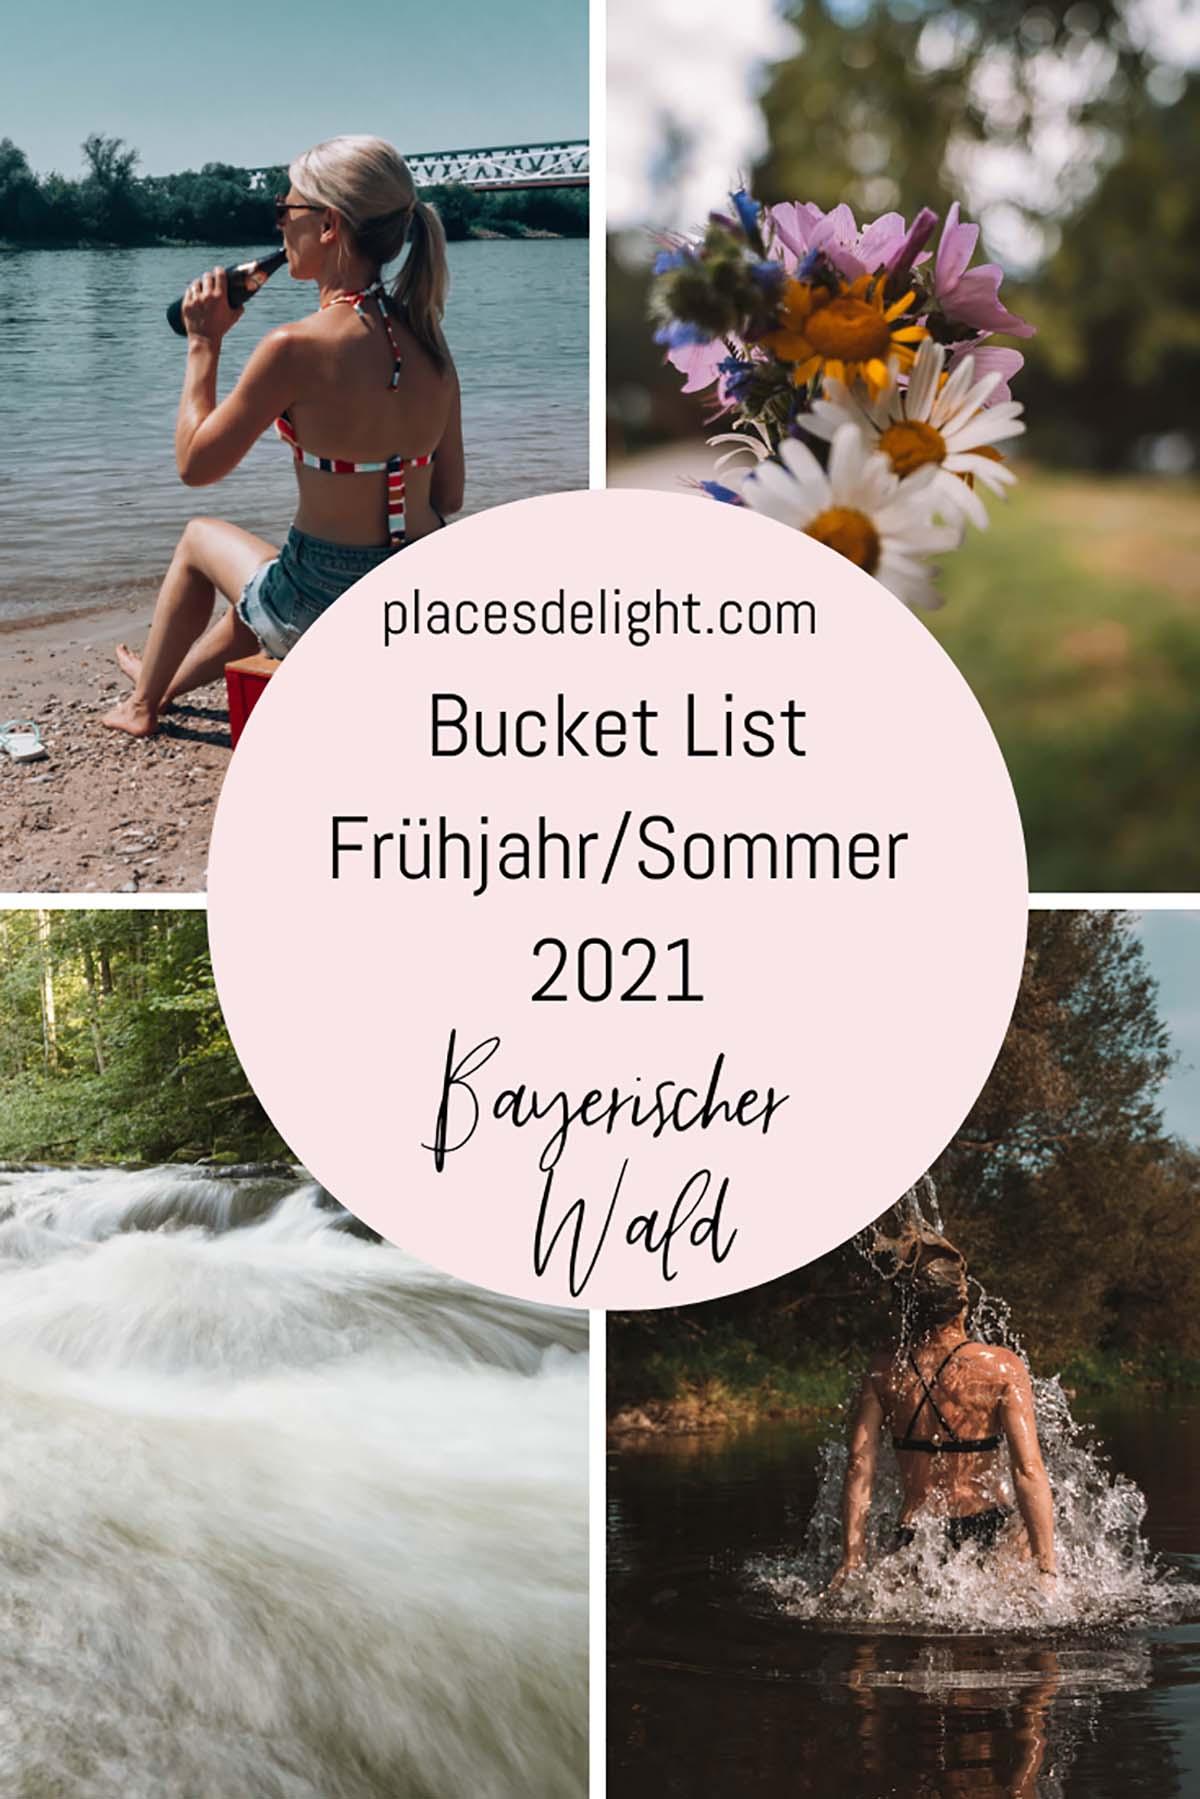 placesdelight-bucket-list-bayerischer-wald